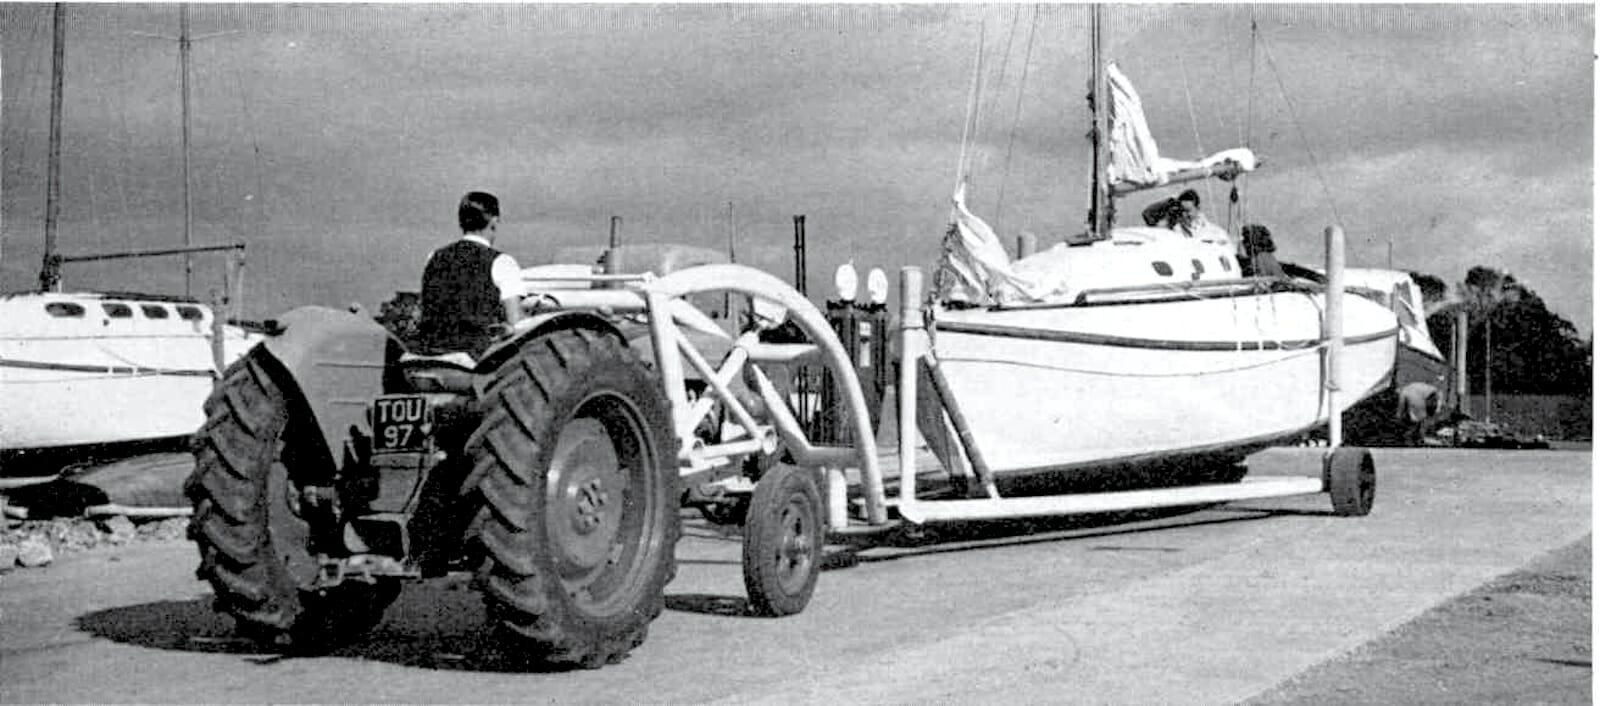 1962 Fairey Marine Boatpark image